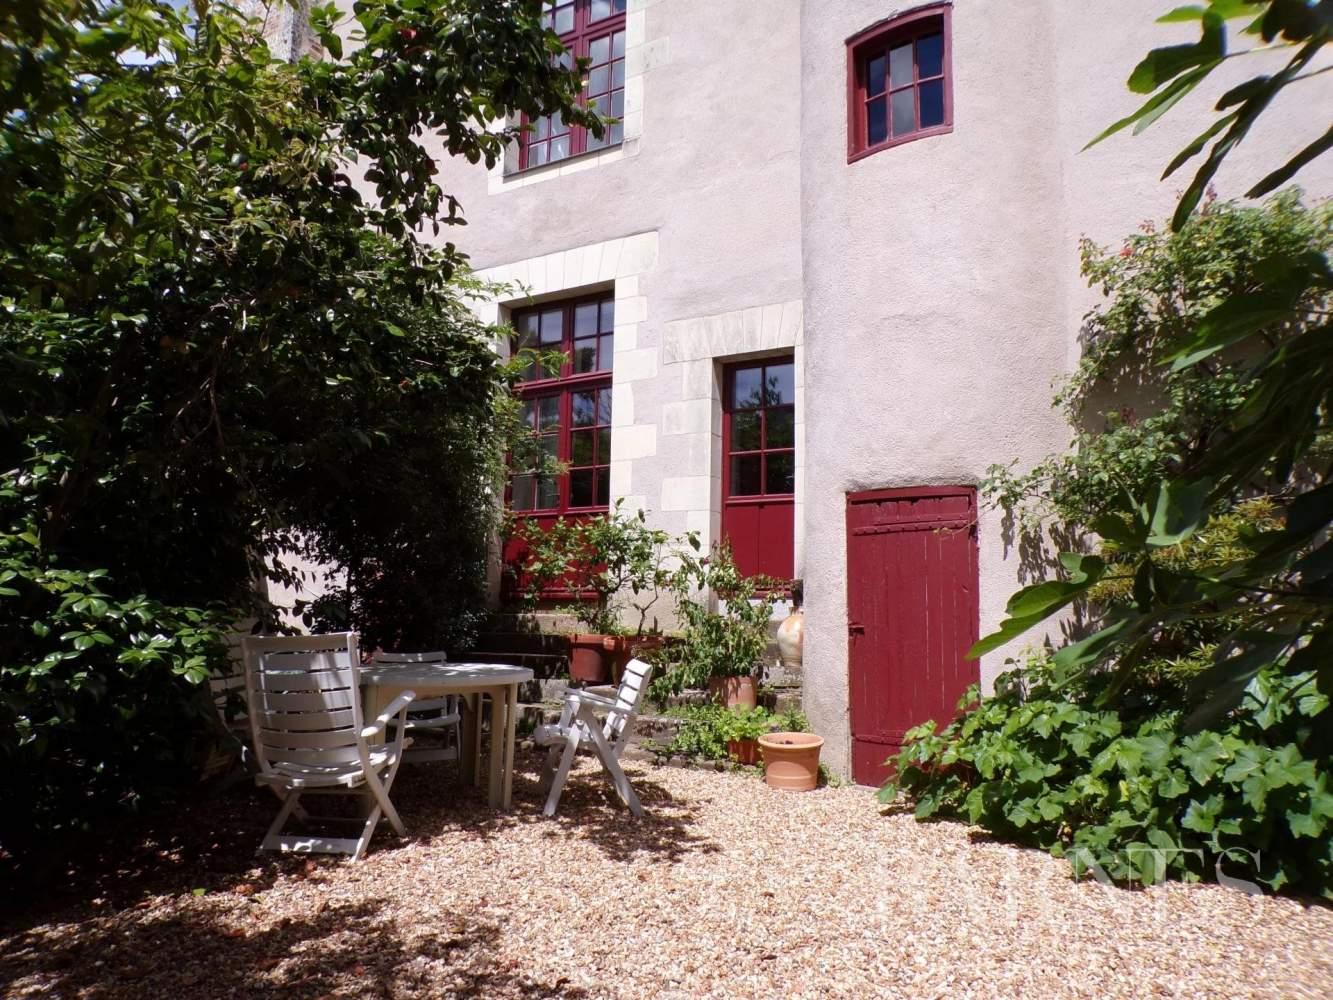 Beaupréau-en-Mauges  - Maison 15 Pièces - picture 4